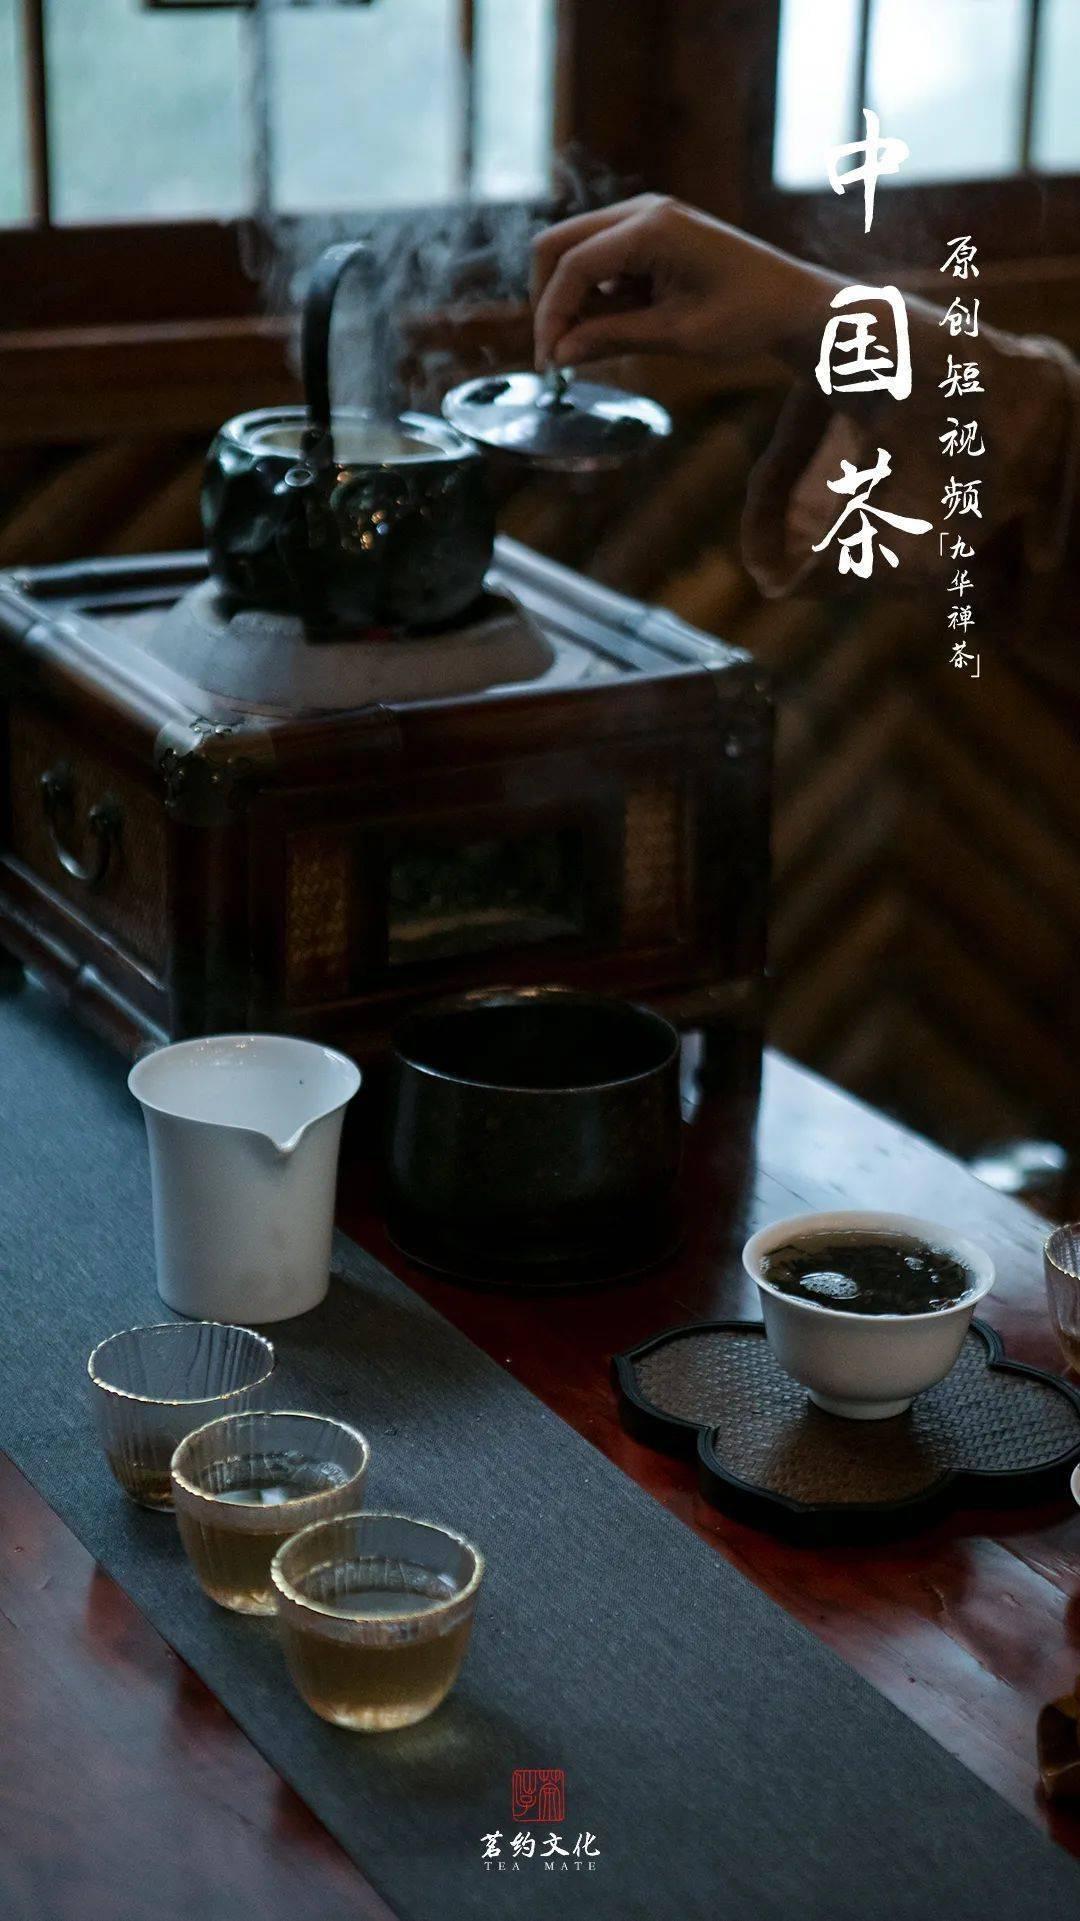 台式乌龙茶28式演示视频  台式乌龙茶表演特点